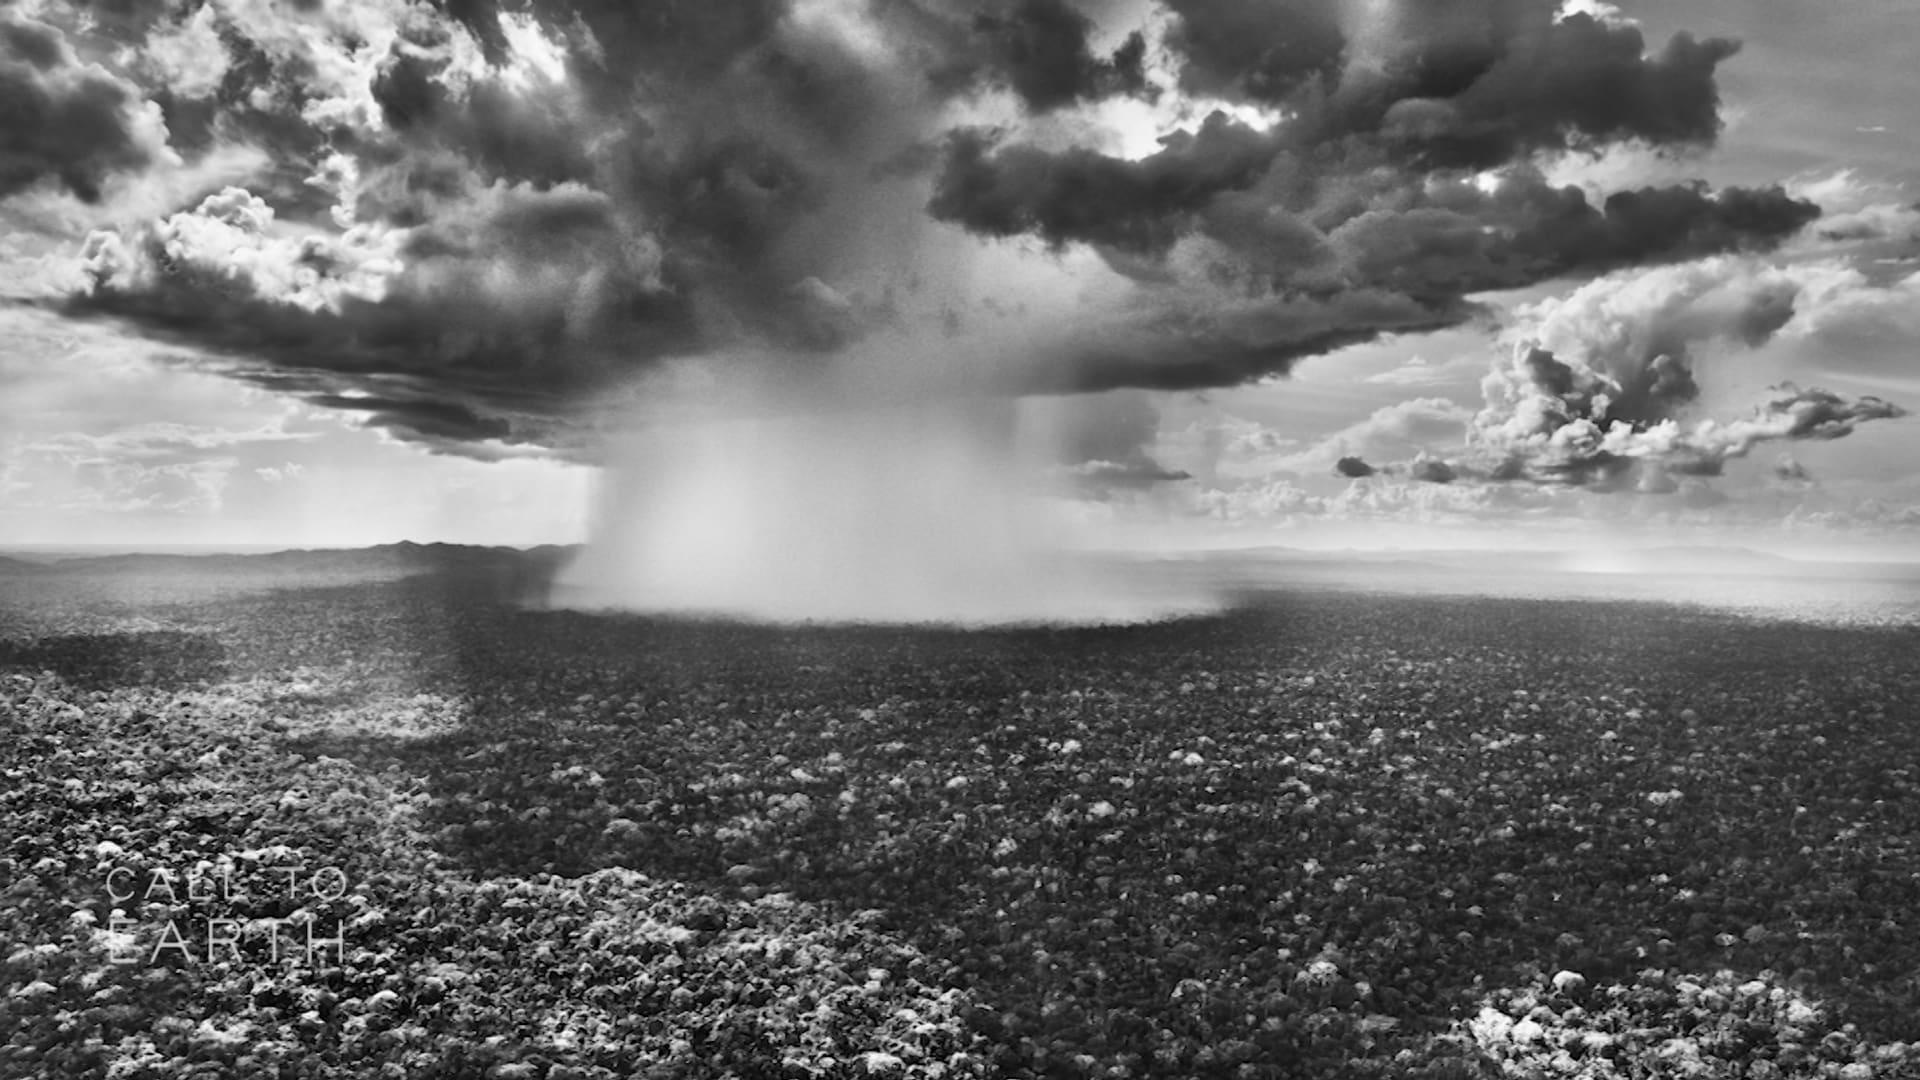 """بصور ملحمية.. مصوّر يوثق الجانب """"الحي"""" من غابة الأمازون"""